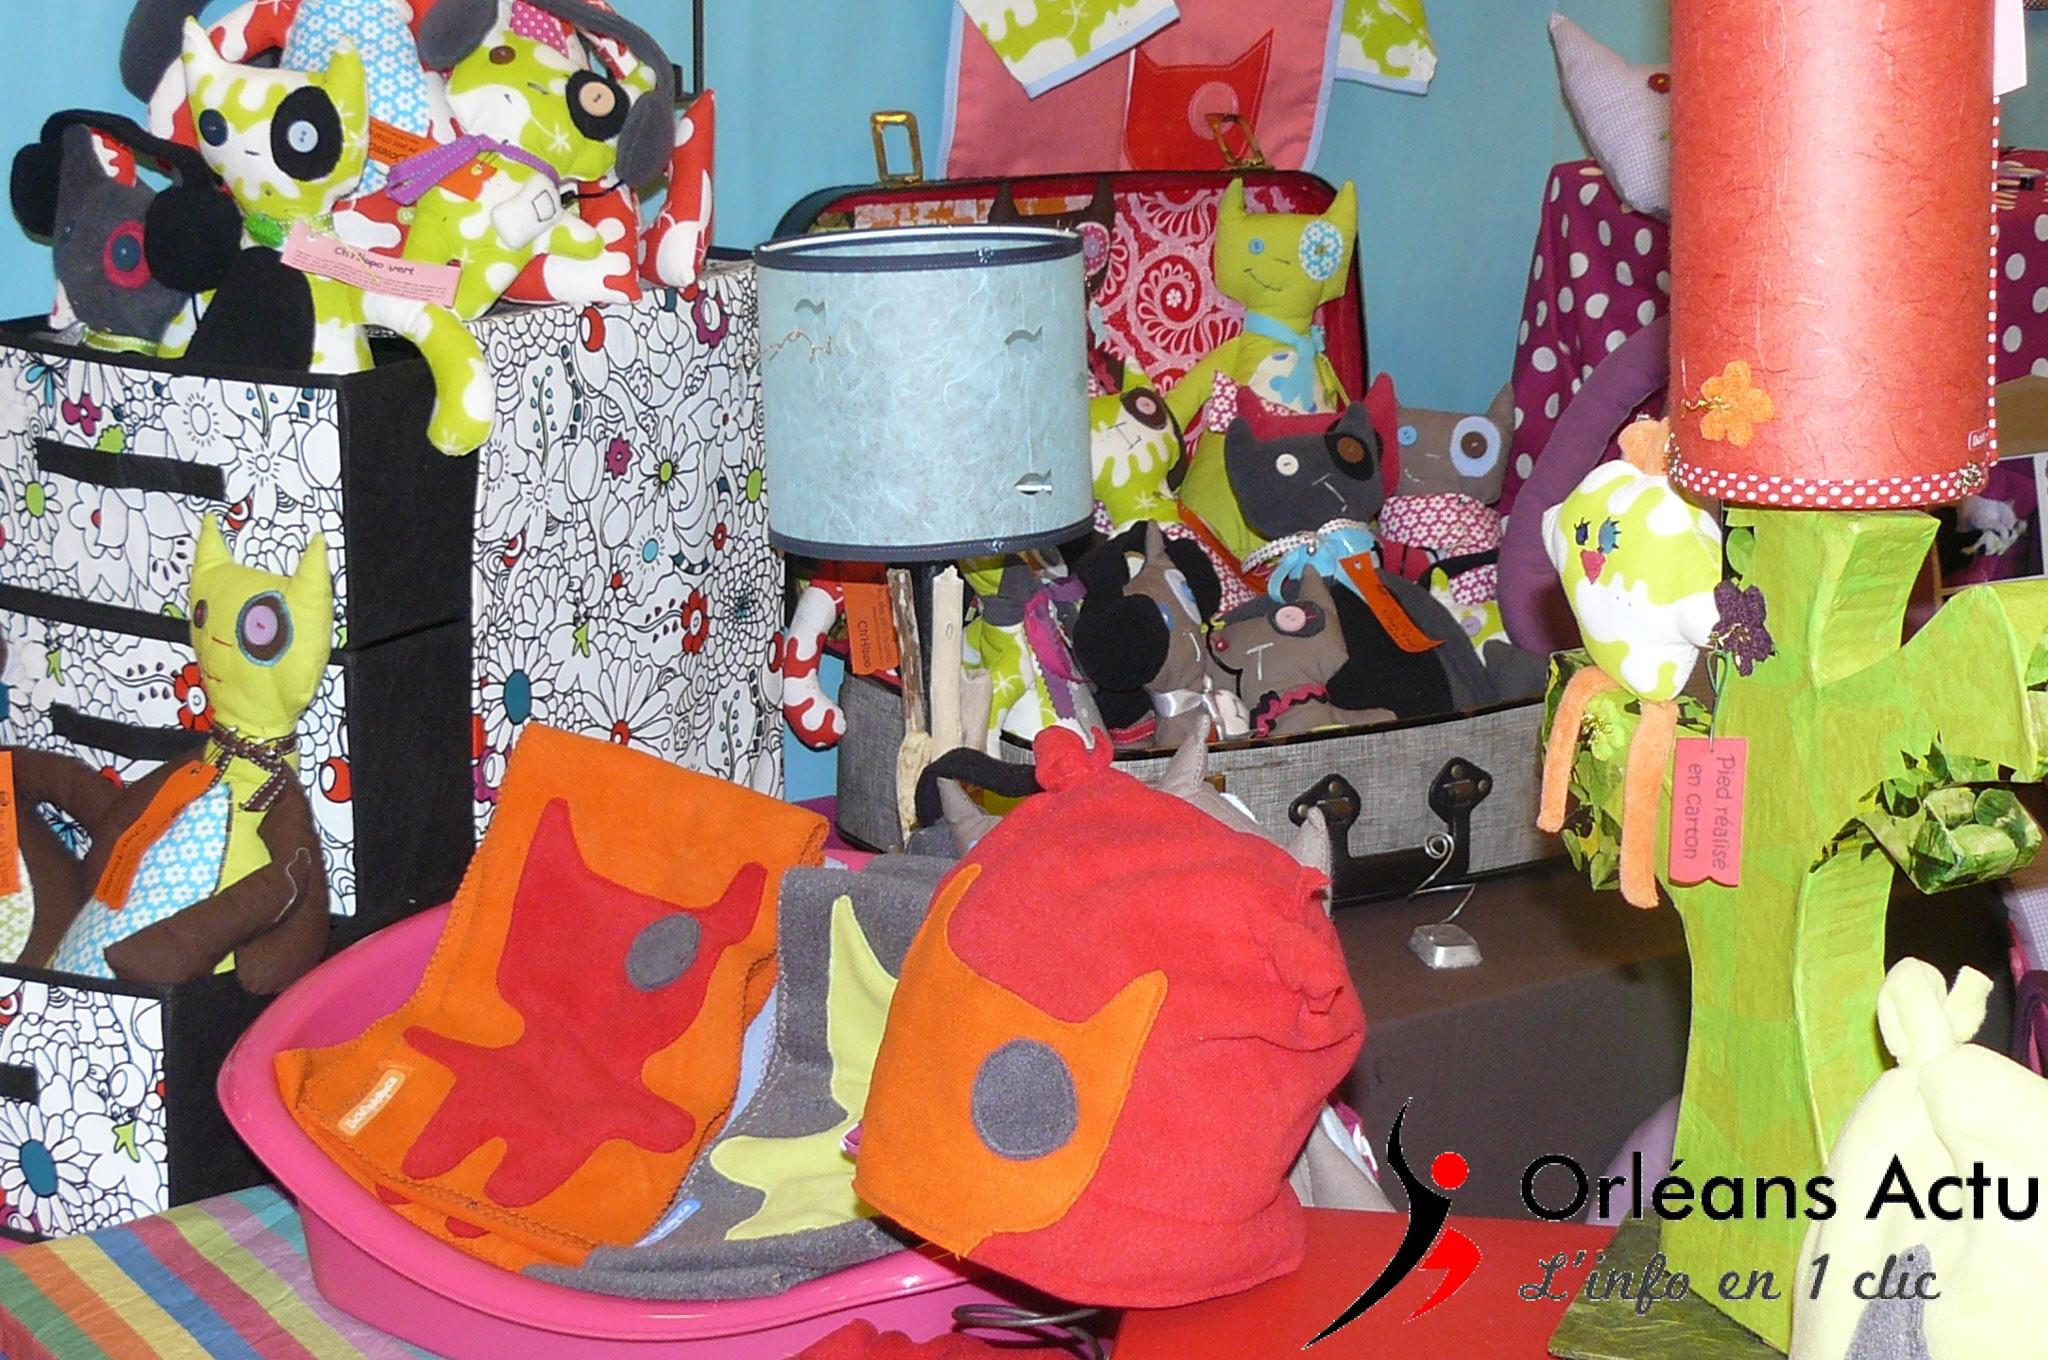 Salon des loisirs cr atifs du 30 janvier au 1er f vrier au - Salon loisirs creatifs orleans ...